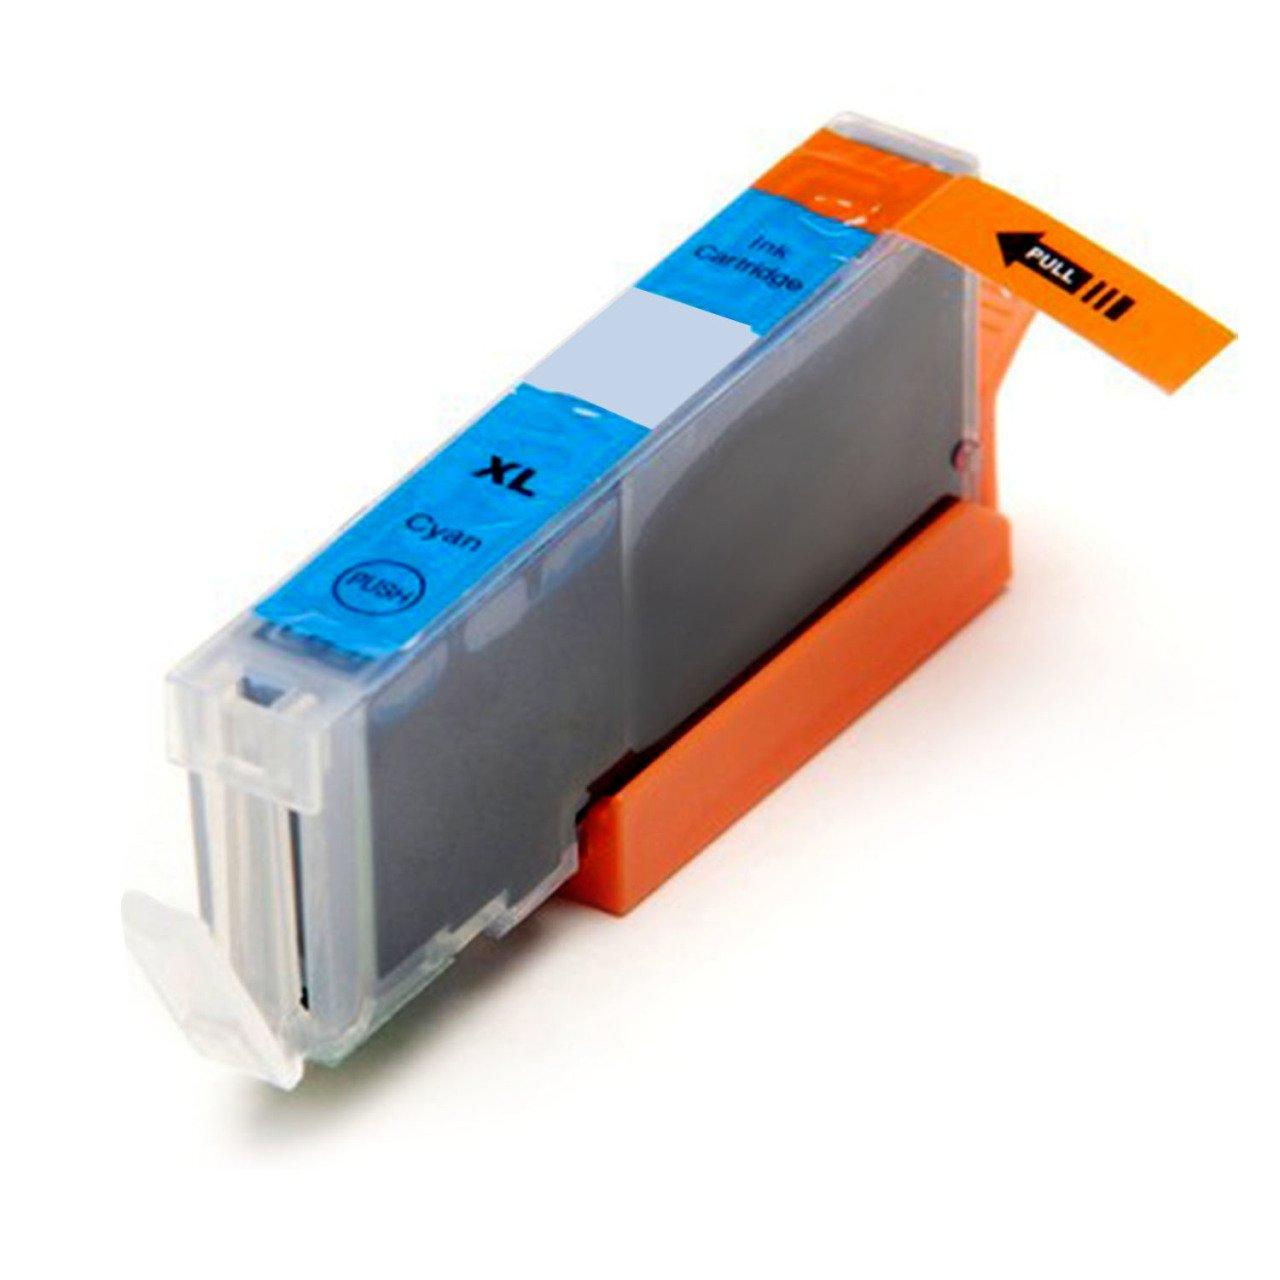 CANON CLI 551 синий муадил CARTRIDGE-iP7250/ iP8750 MG5450/ MG5550/ MG5650/ MG6350/ MG6450/ MG6650/ MG7150/ MG7550/ MX725/ MX925/I